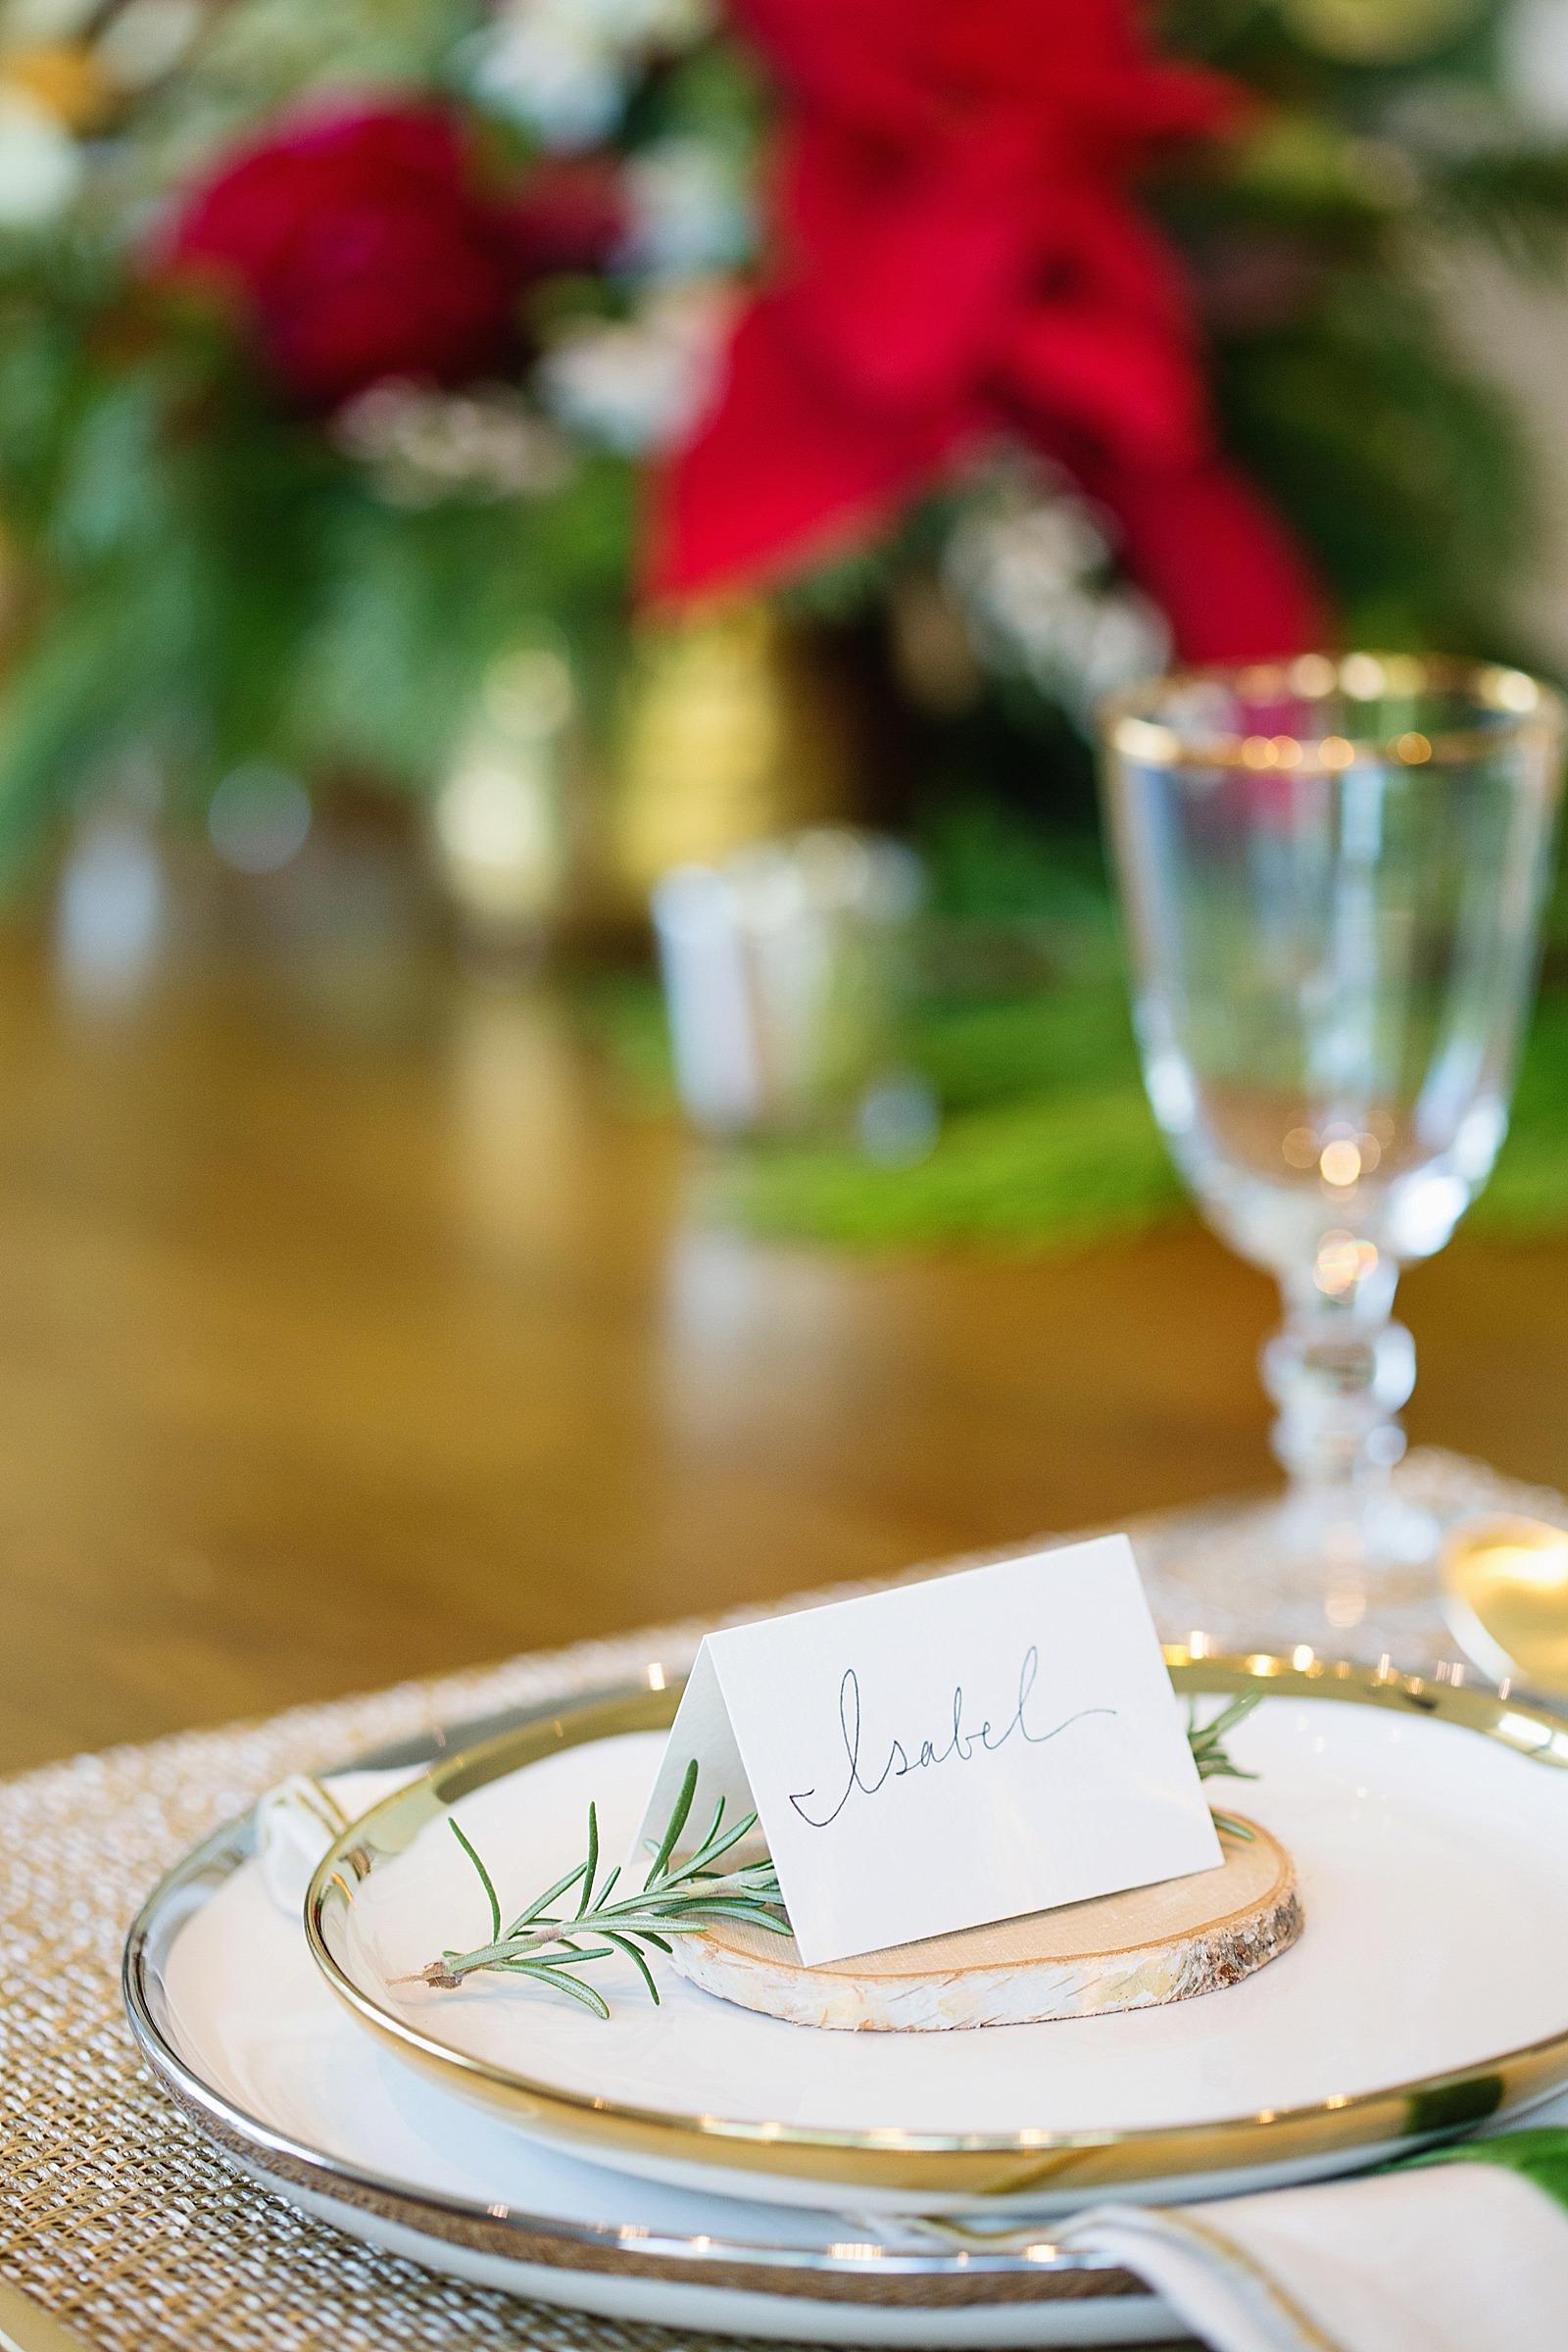 la-ricki-christmas-2015-holiday-home-1930